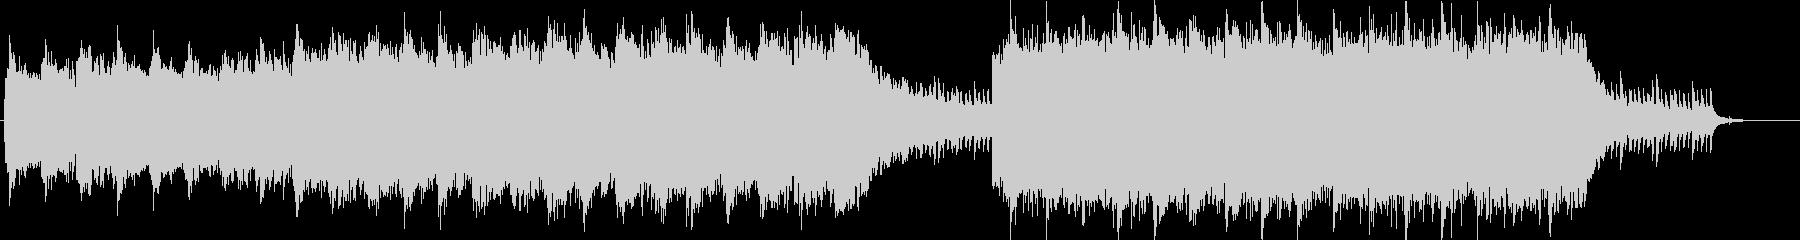 アトモスフィアシネマティックオーケストラの未再生の波形